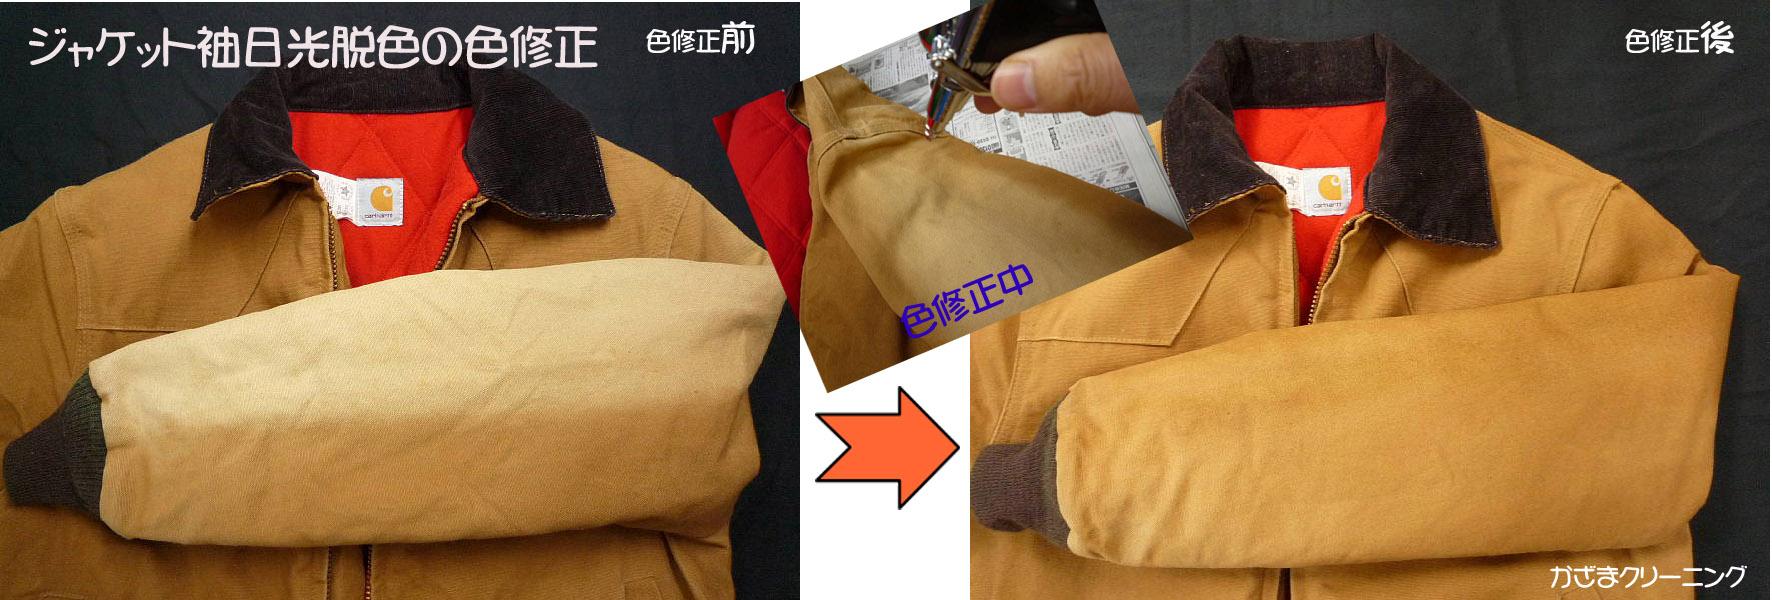 ジャケット袖日光脱色の色修正